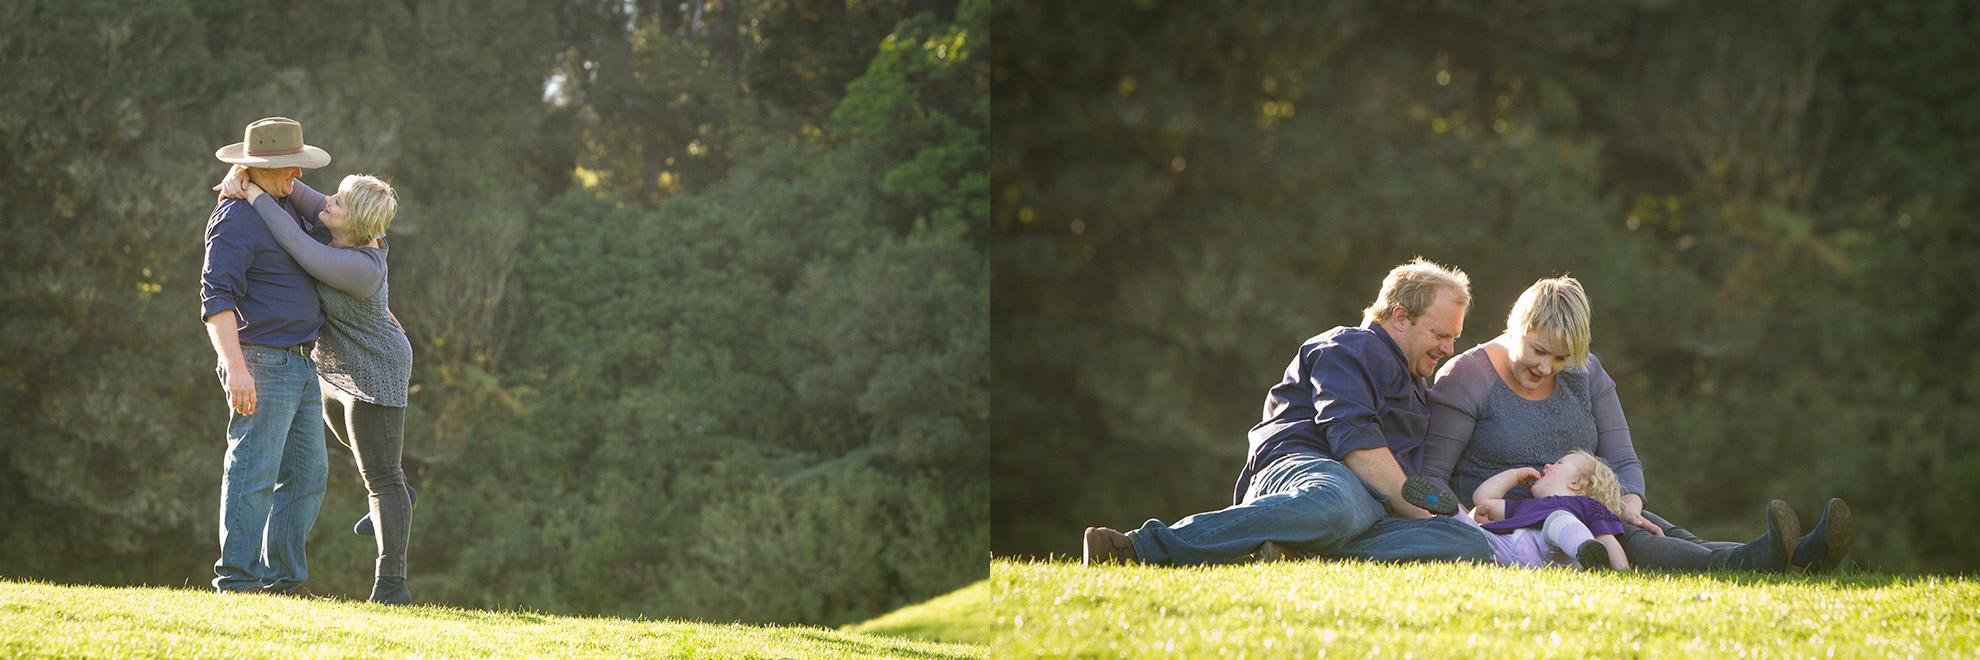 Hamilton-family-photography-outdoors.jpg